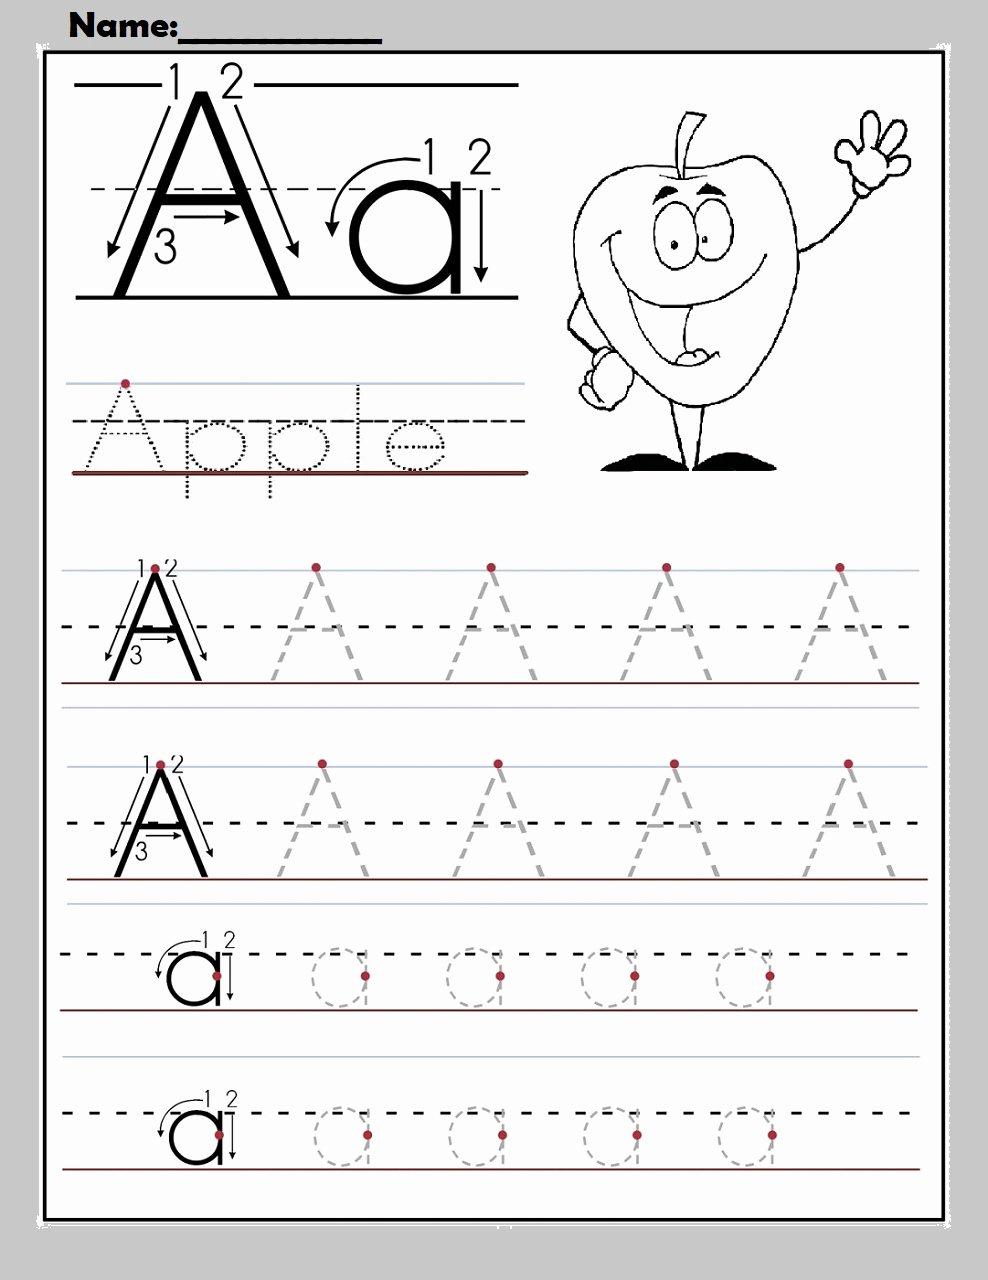 Alphabet Worksheets for Preschoolers Beautiful Worksheet Free Alphabet Worksheets to Print for Apple